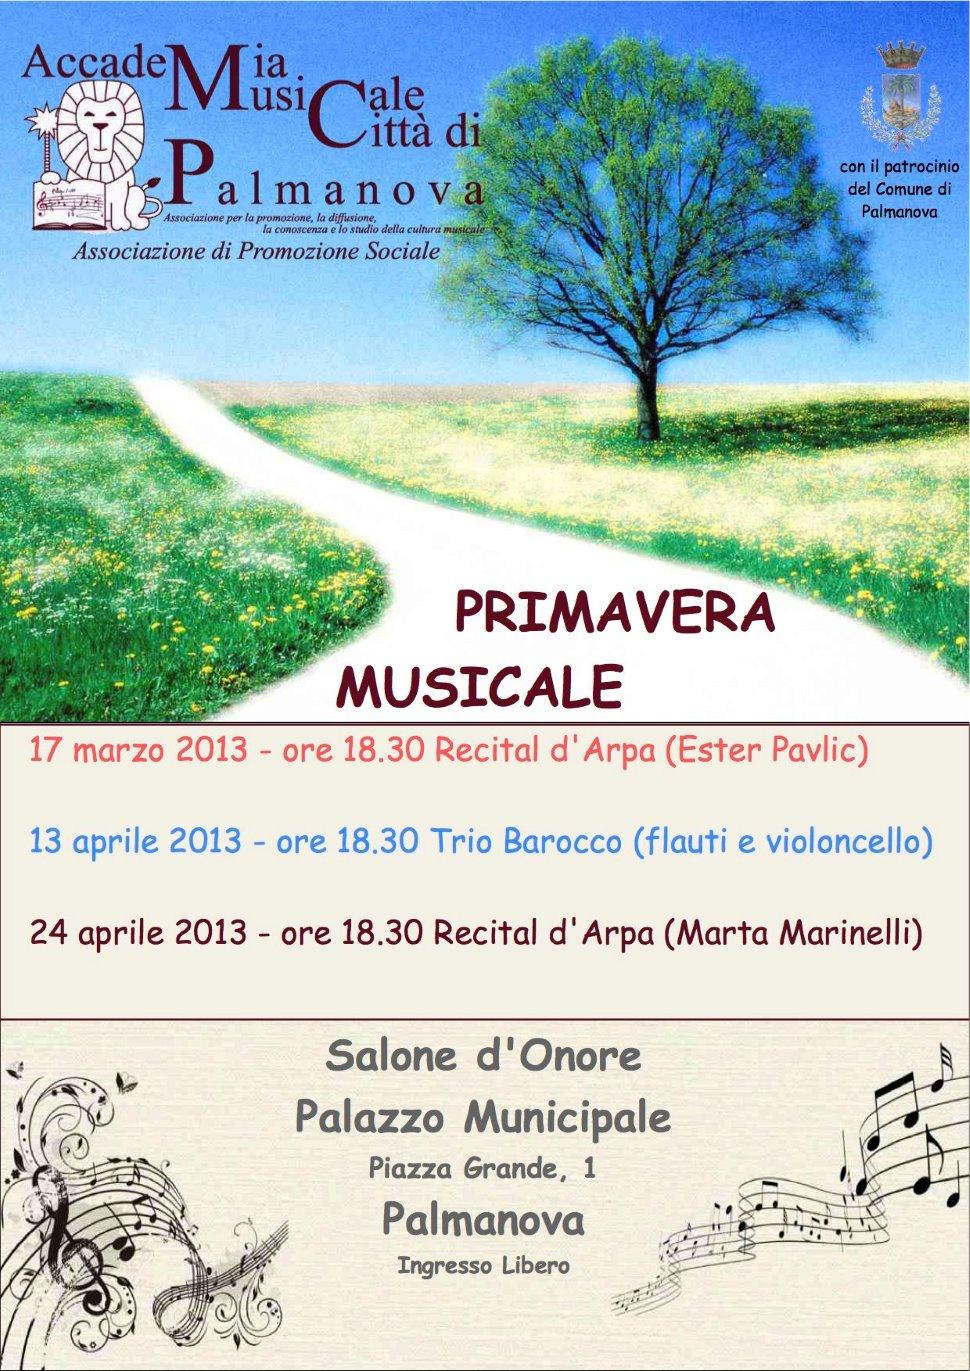 Primavera Musicale